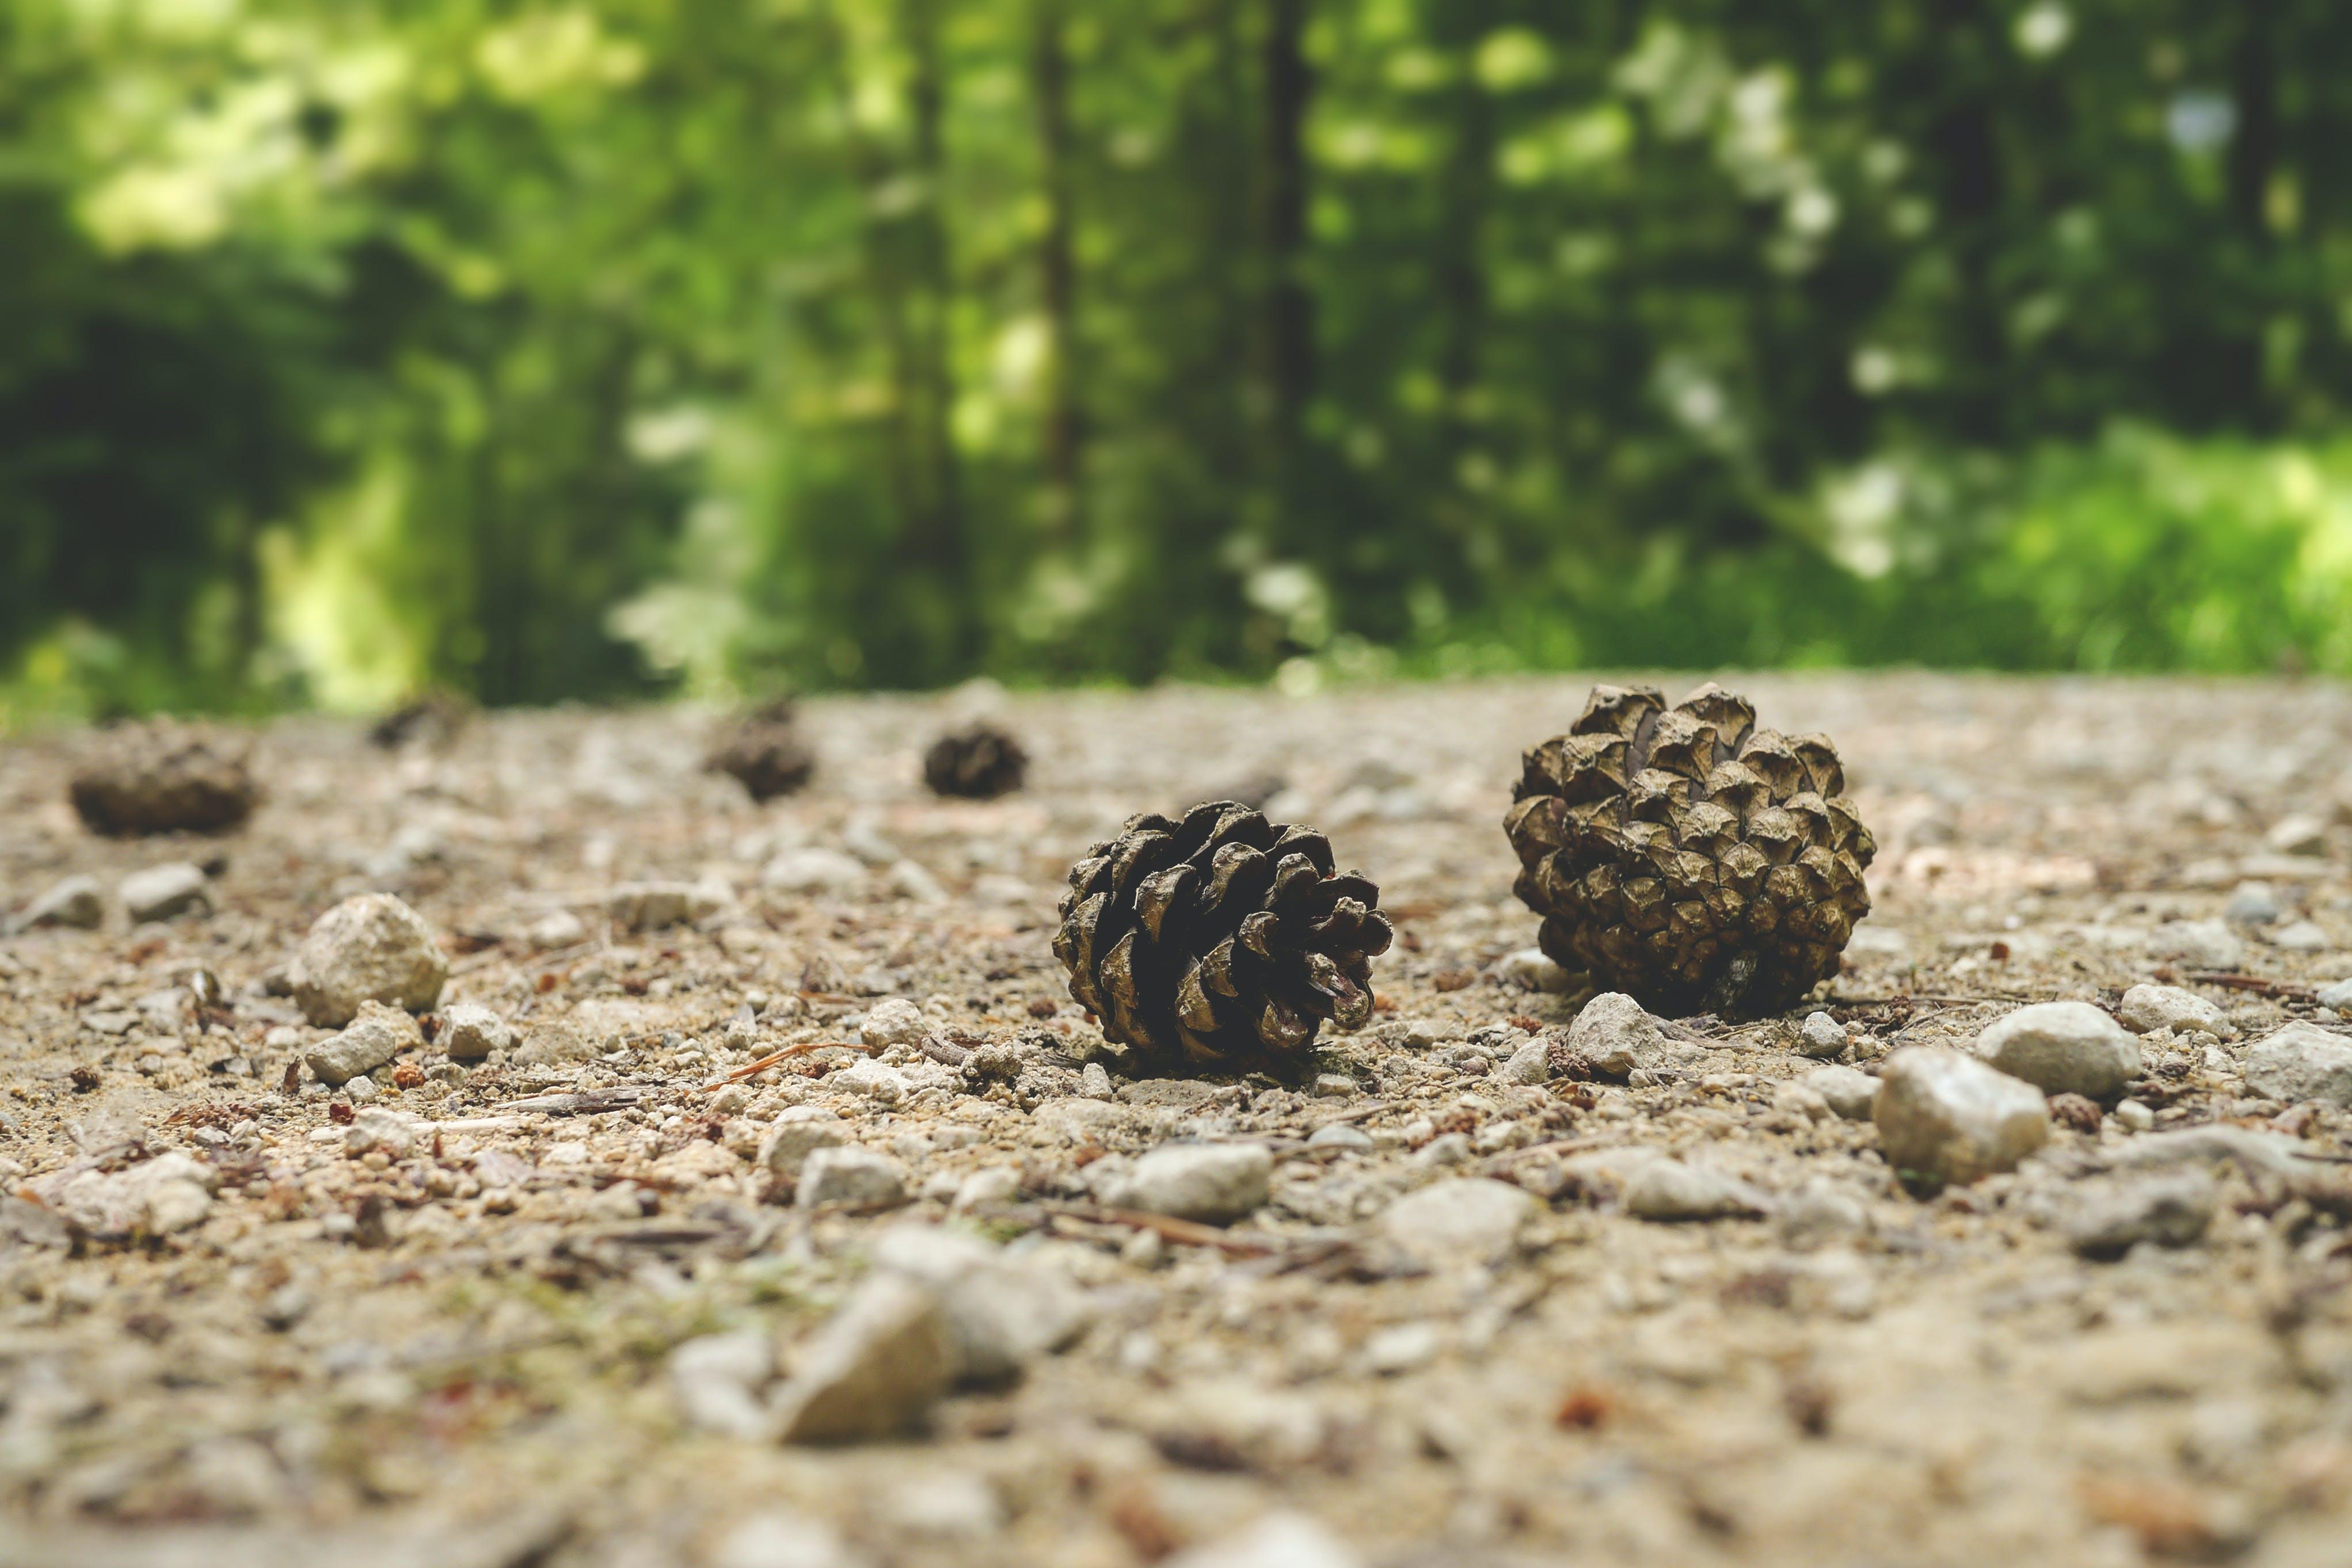 モミの実, 土壌, 地面, 木の無料の写真素材